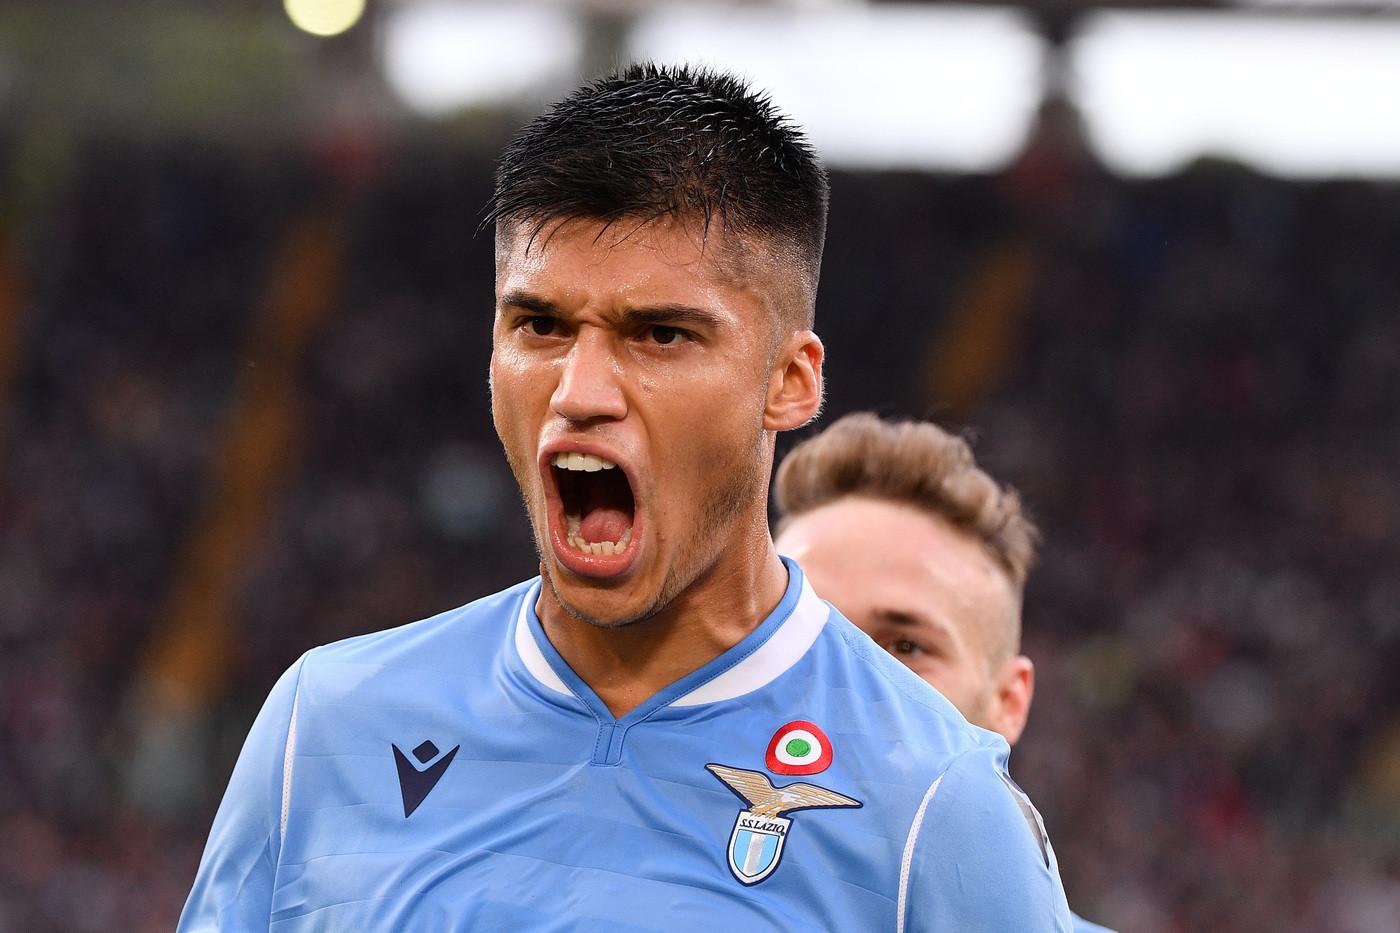 Calciomercato, Inter: ecco Correa. Psg: Mbappé via solo a nostre condizioni